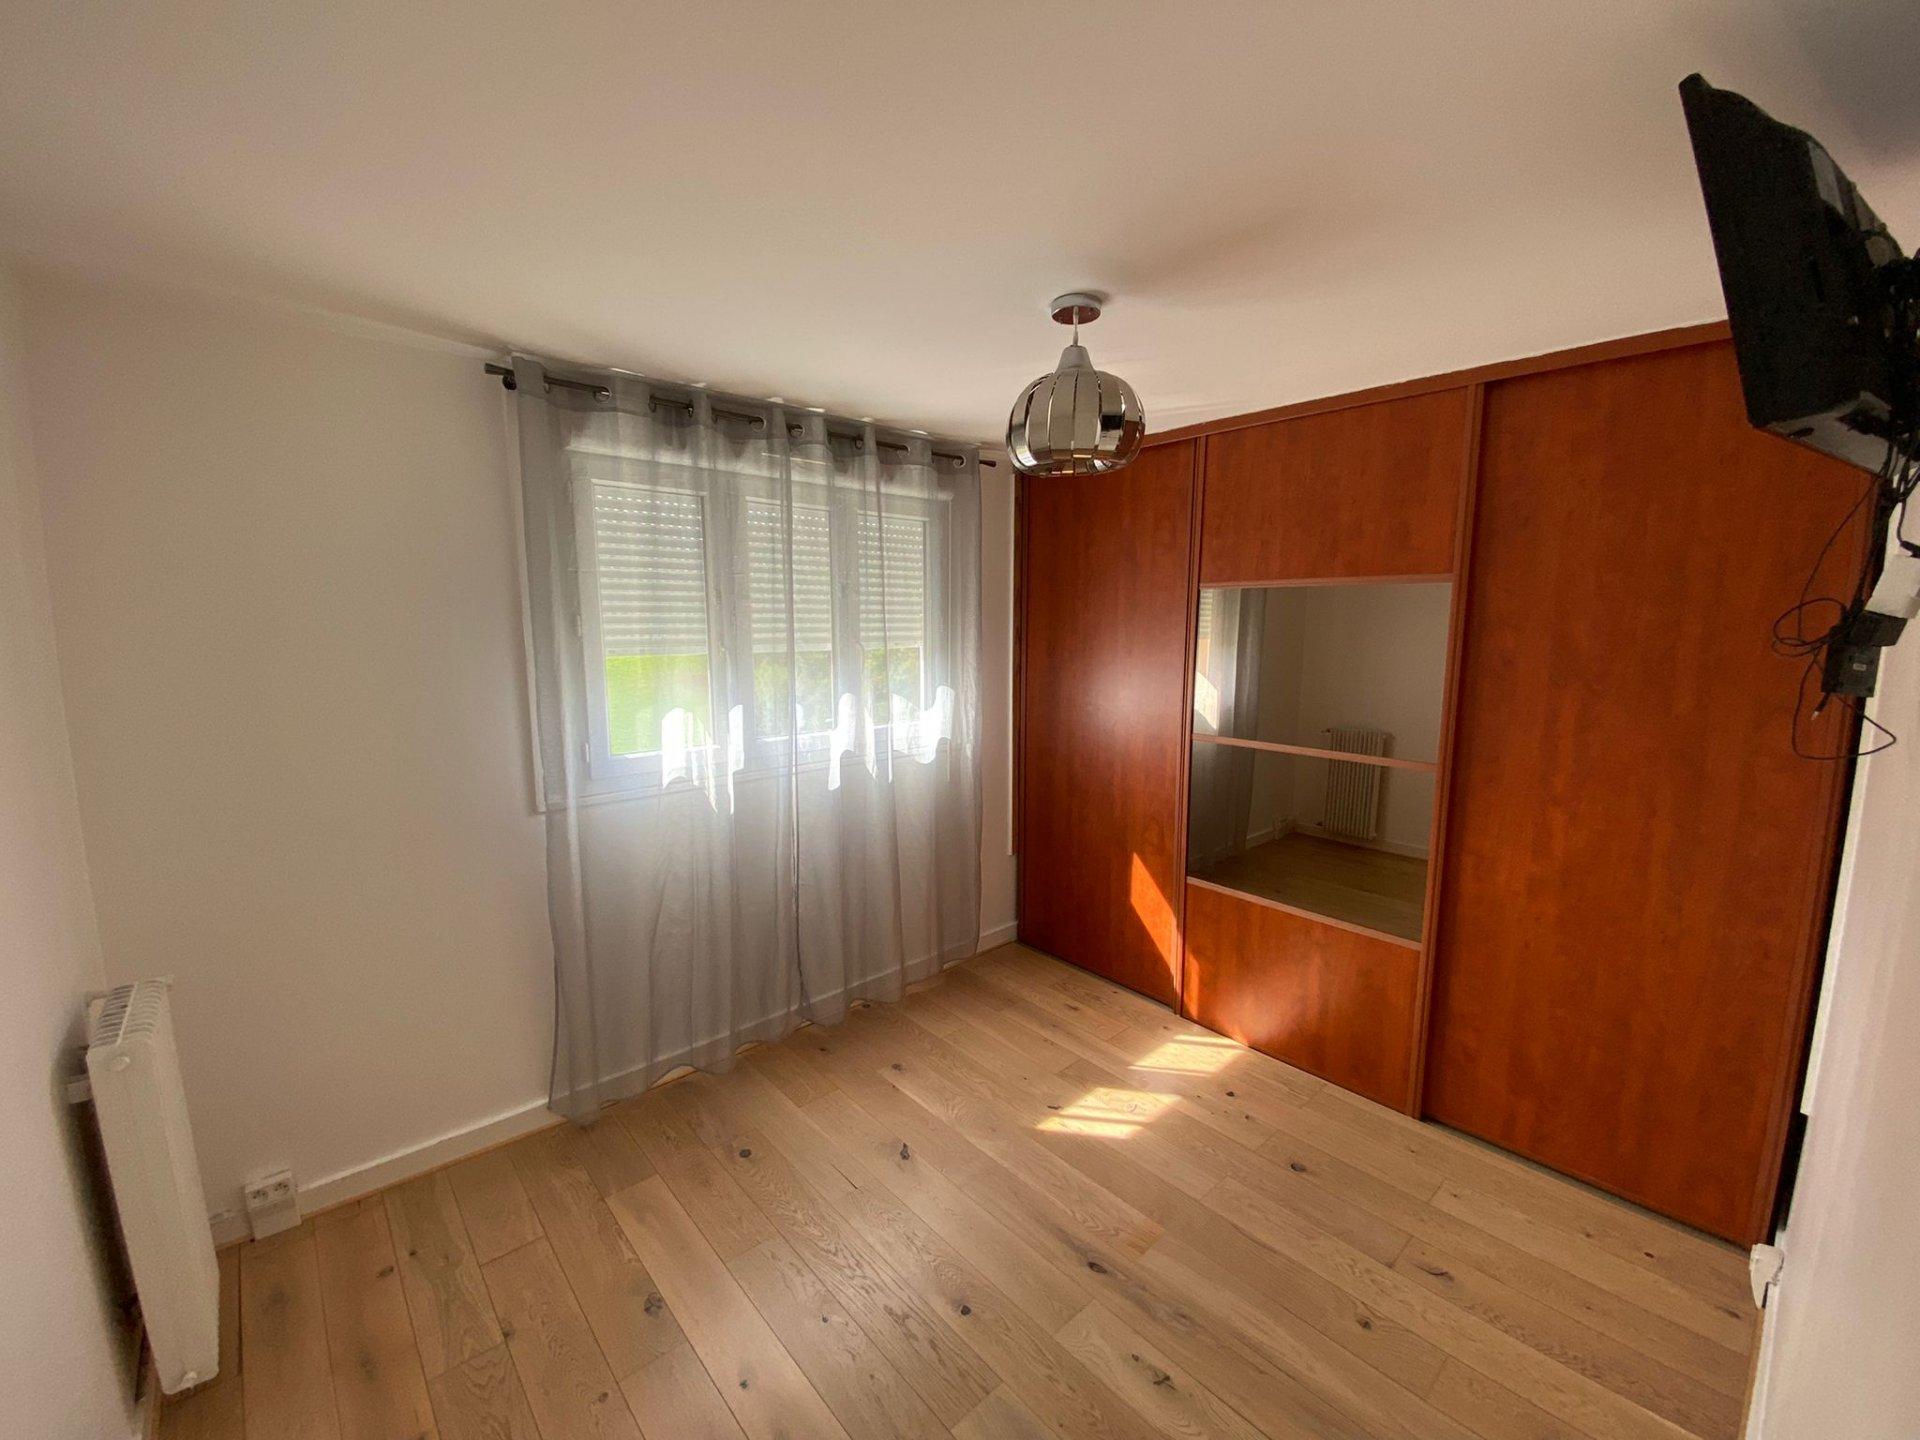 Appartement T4 de 83m² avec balcon à Montataire